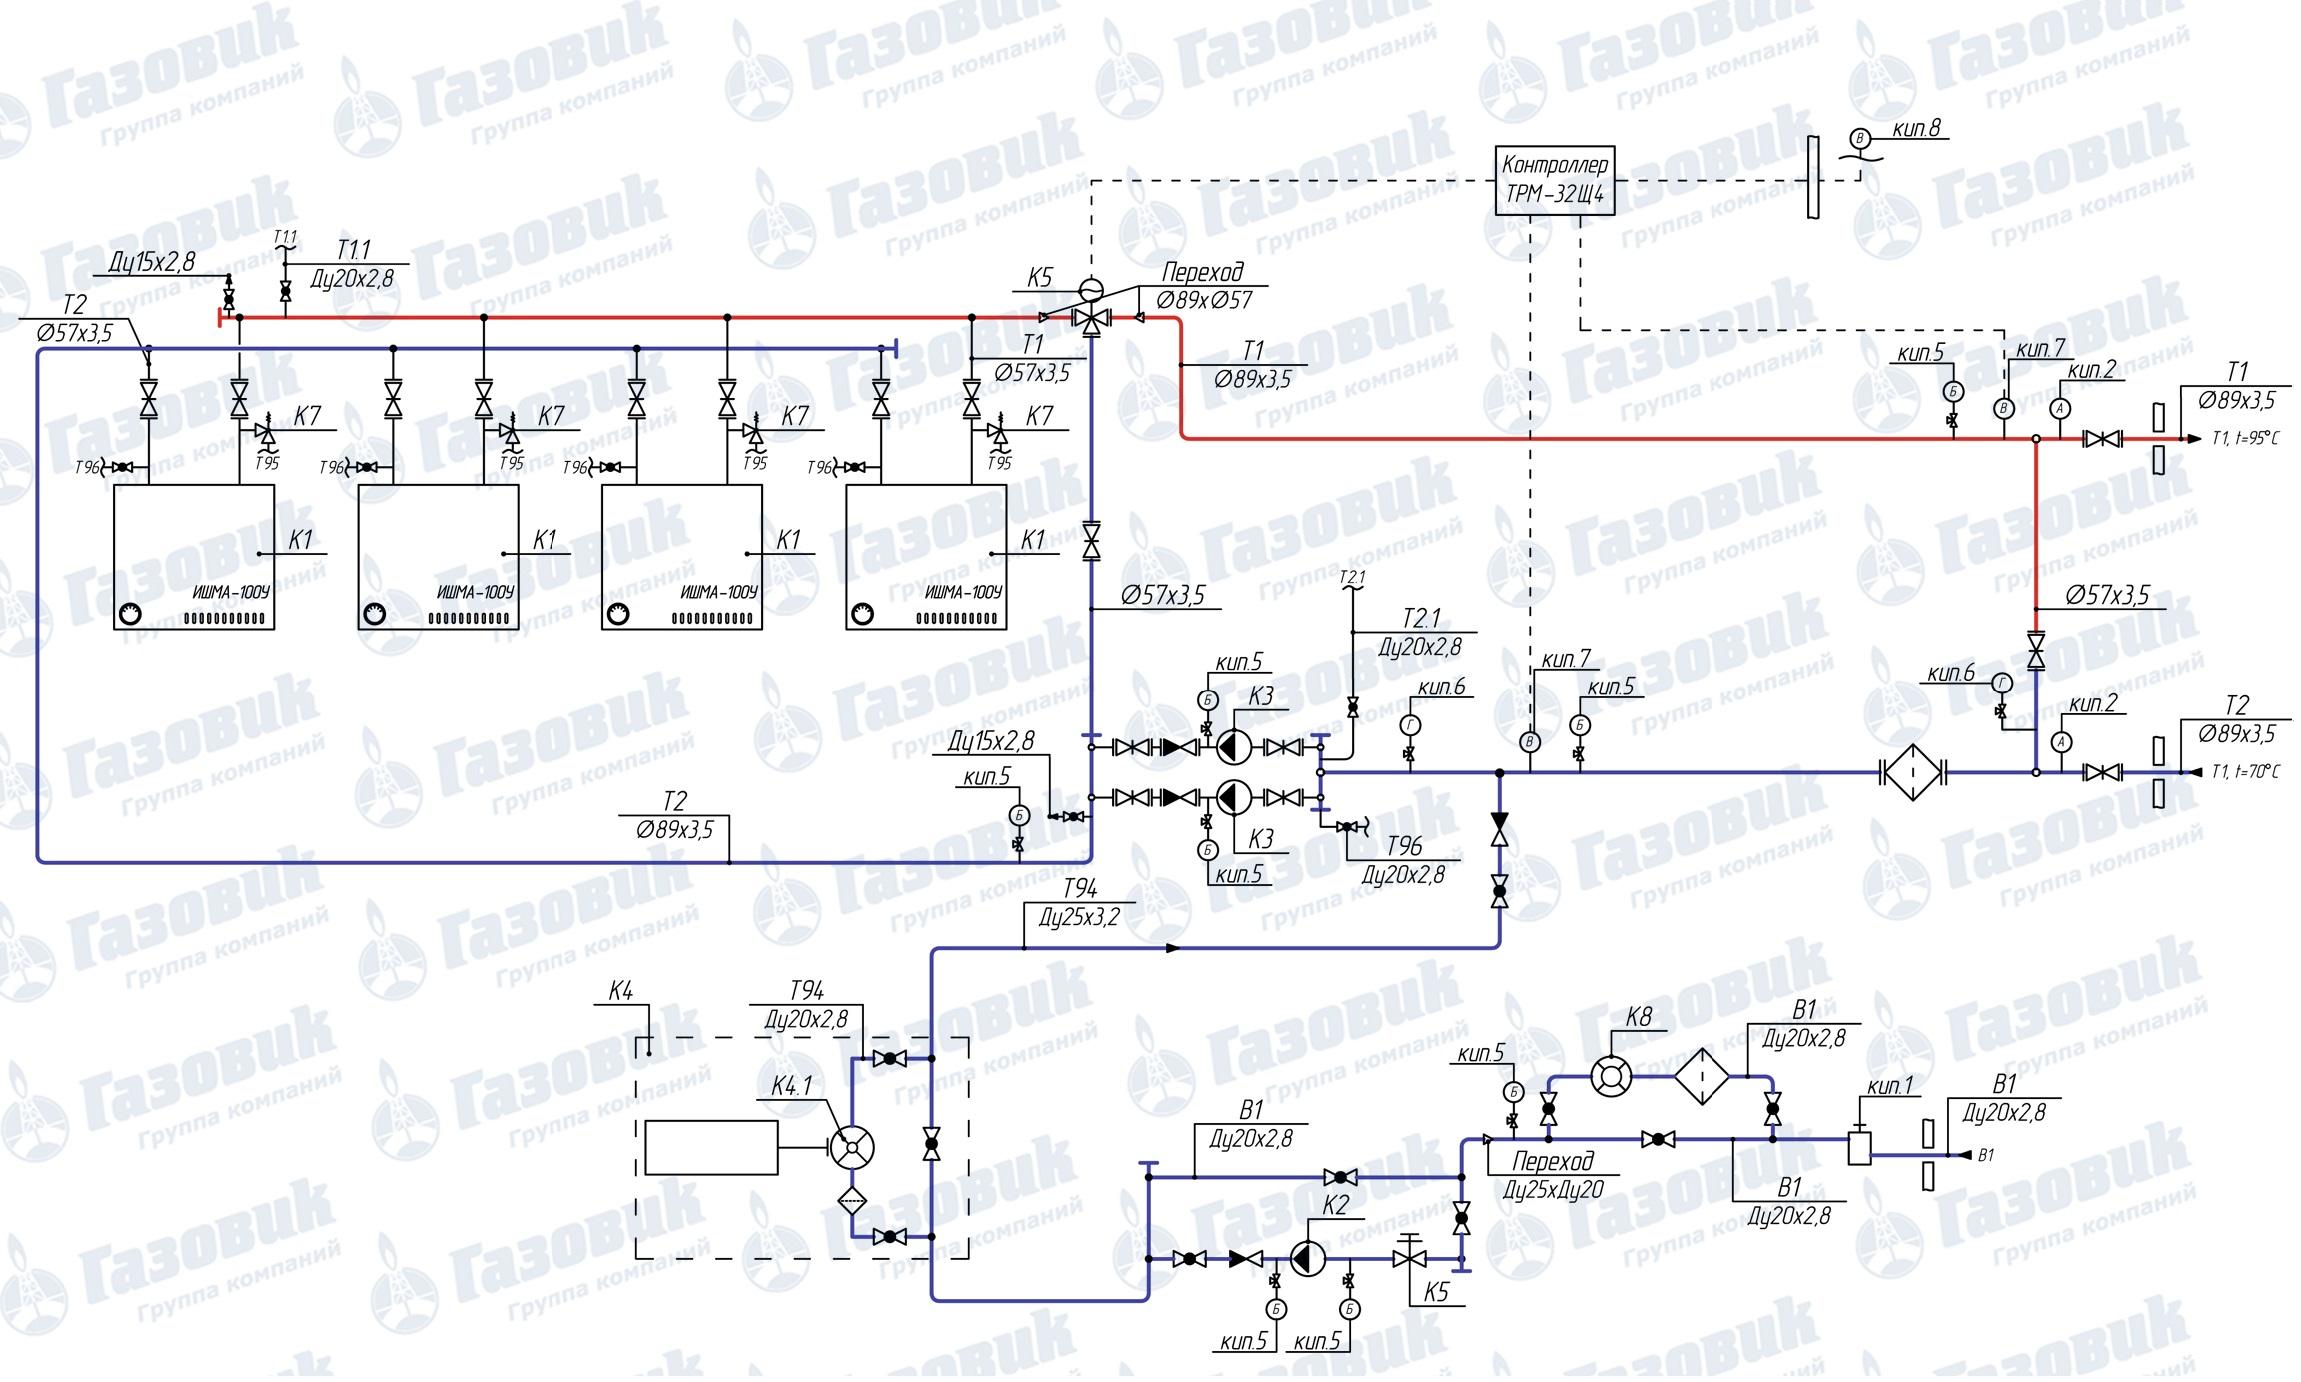 Схема трубопроводов на котельной